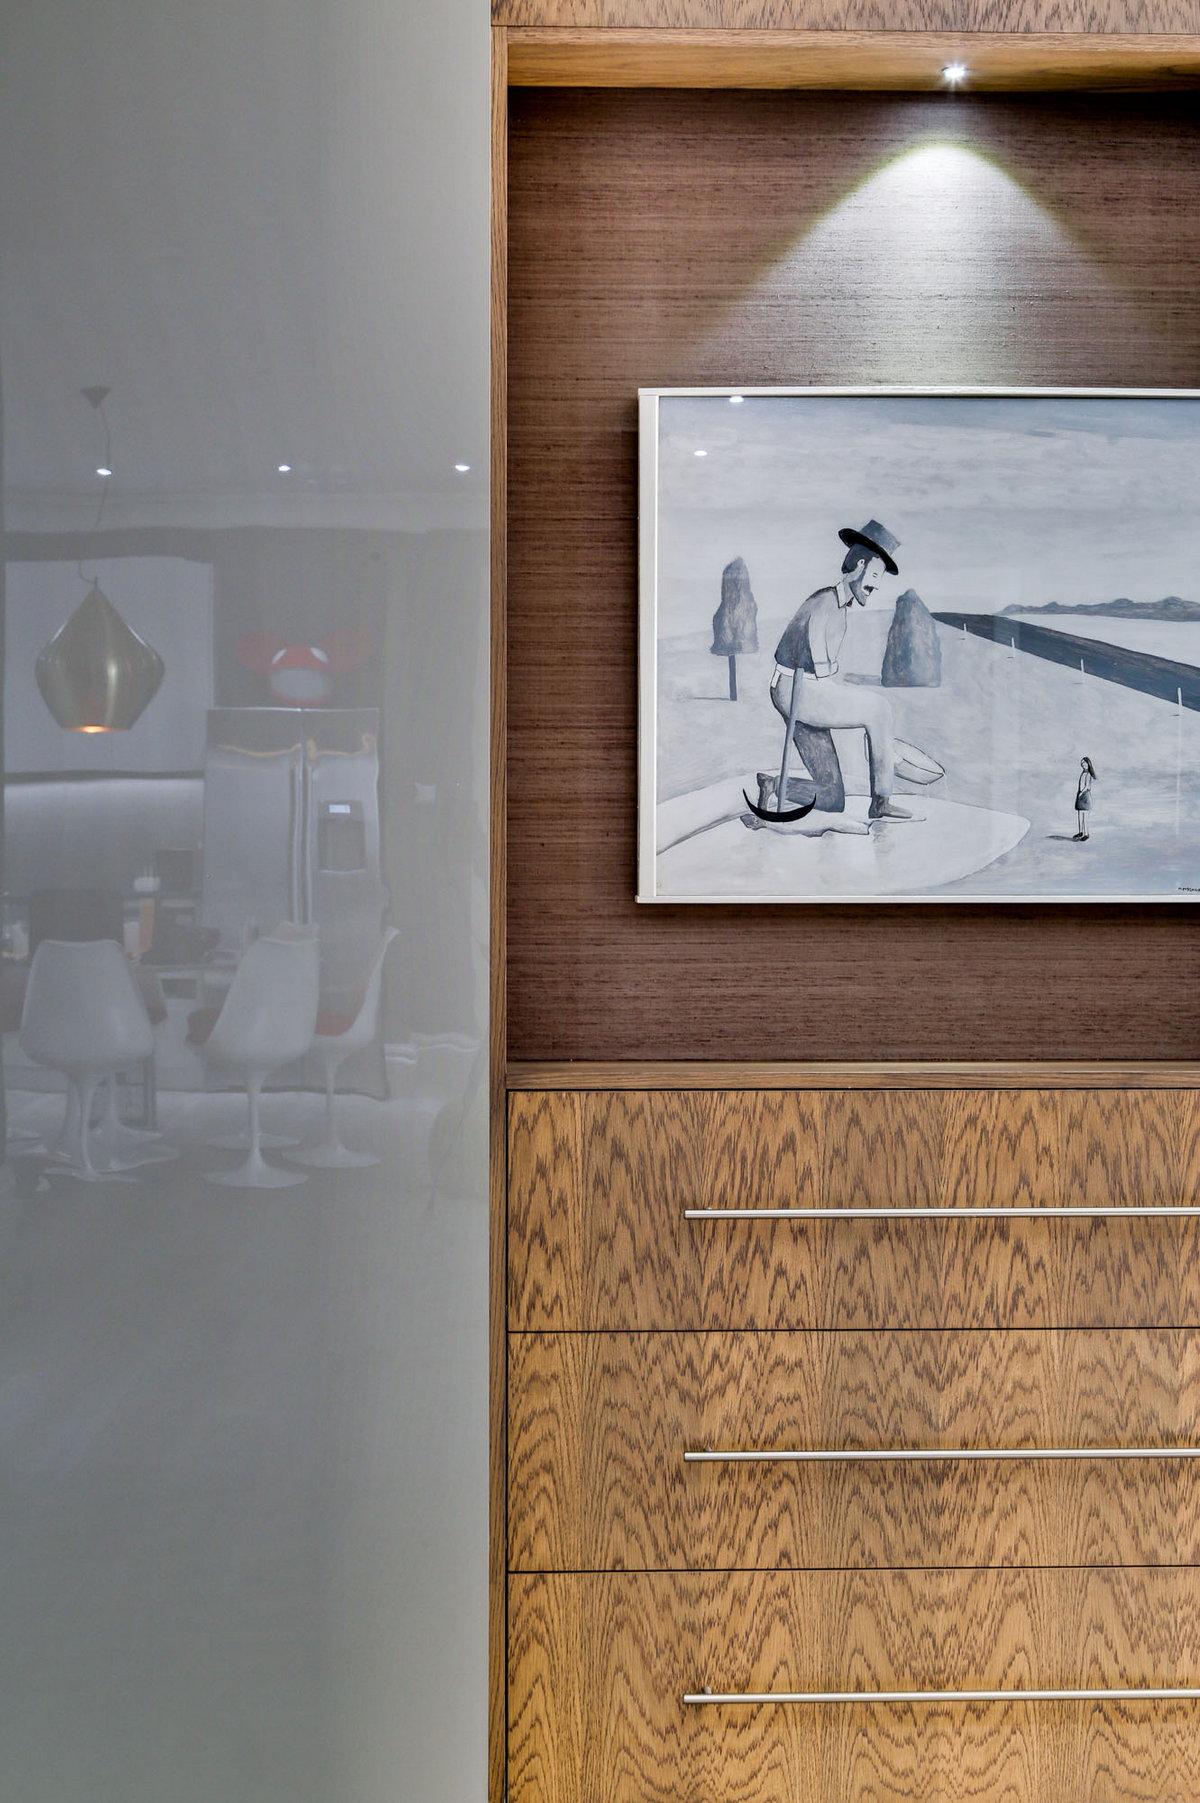 Daniel Hopwood, Bachelor Pad, интерьер для мужчины, обзор апартаменты, элитная недвижимость в Лондоне, мужской интерьер квартиры, квартира для мужчины